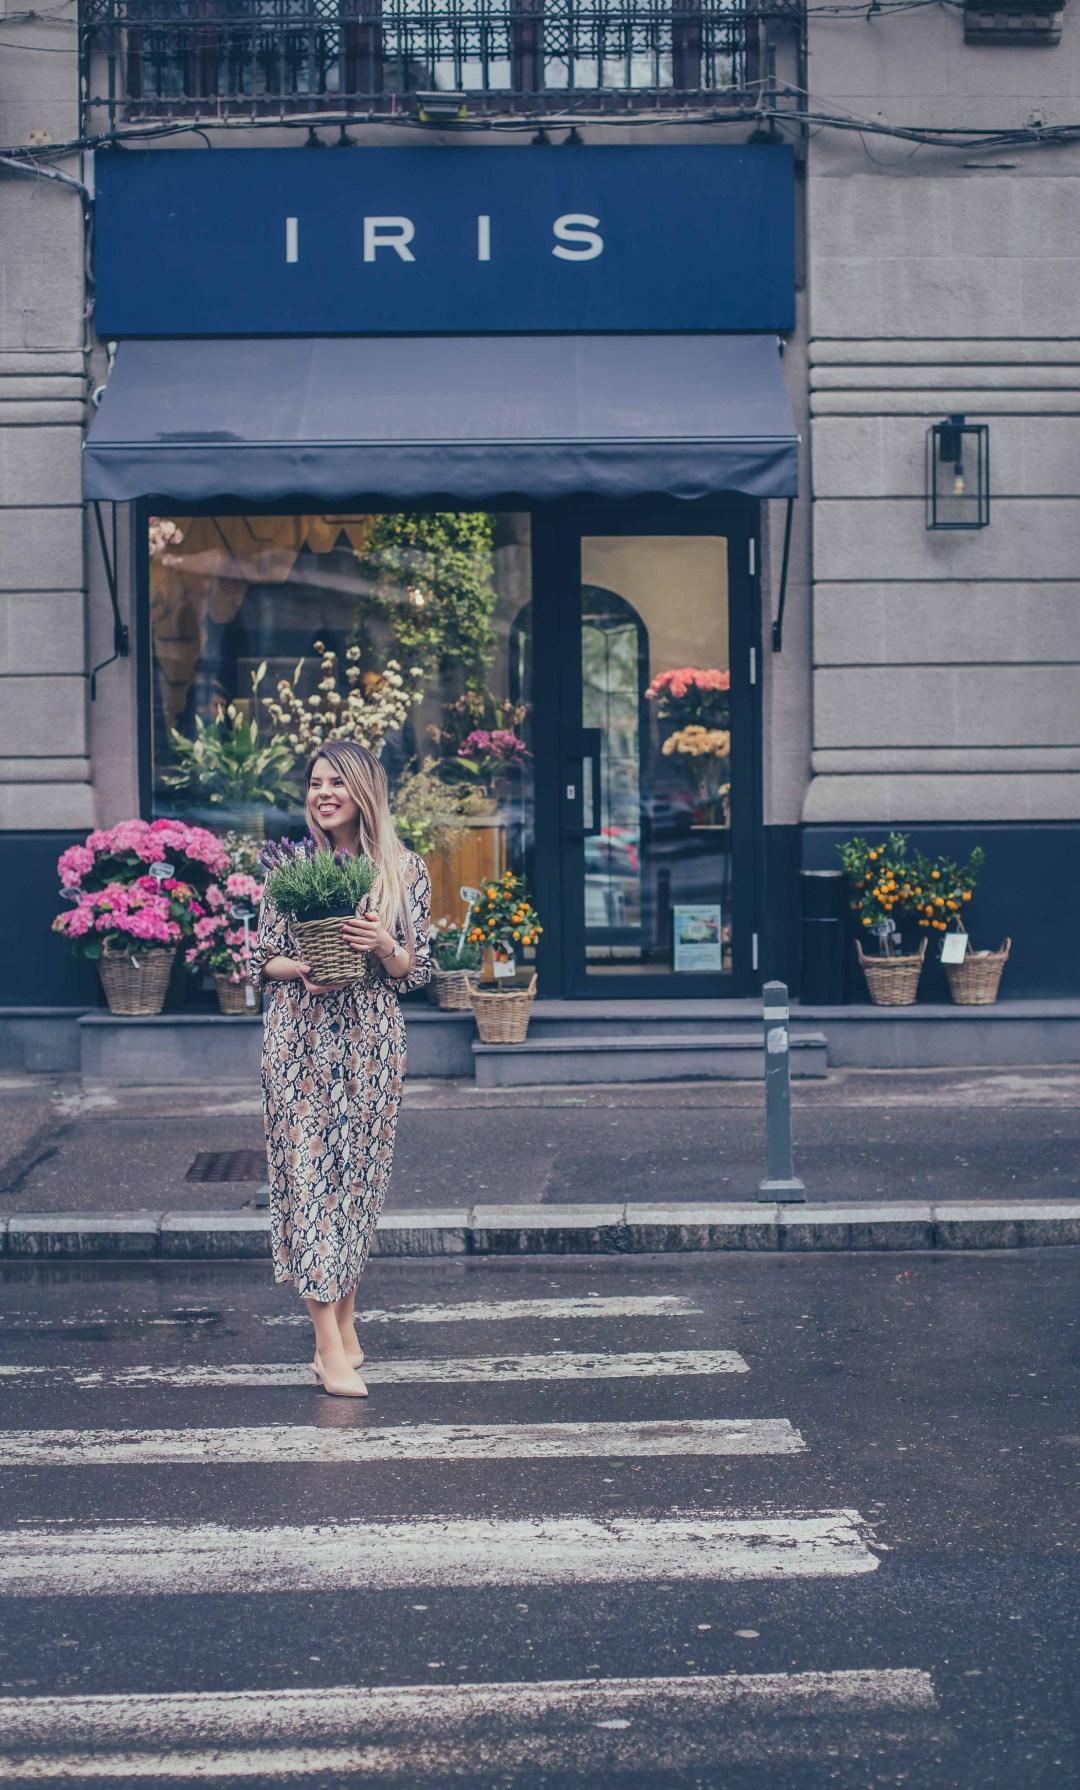 iris flower shop